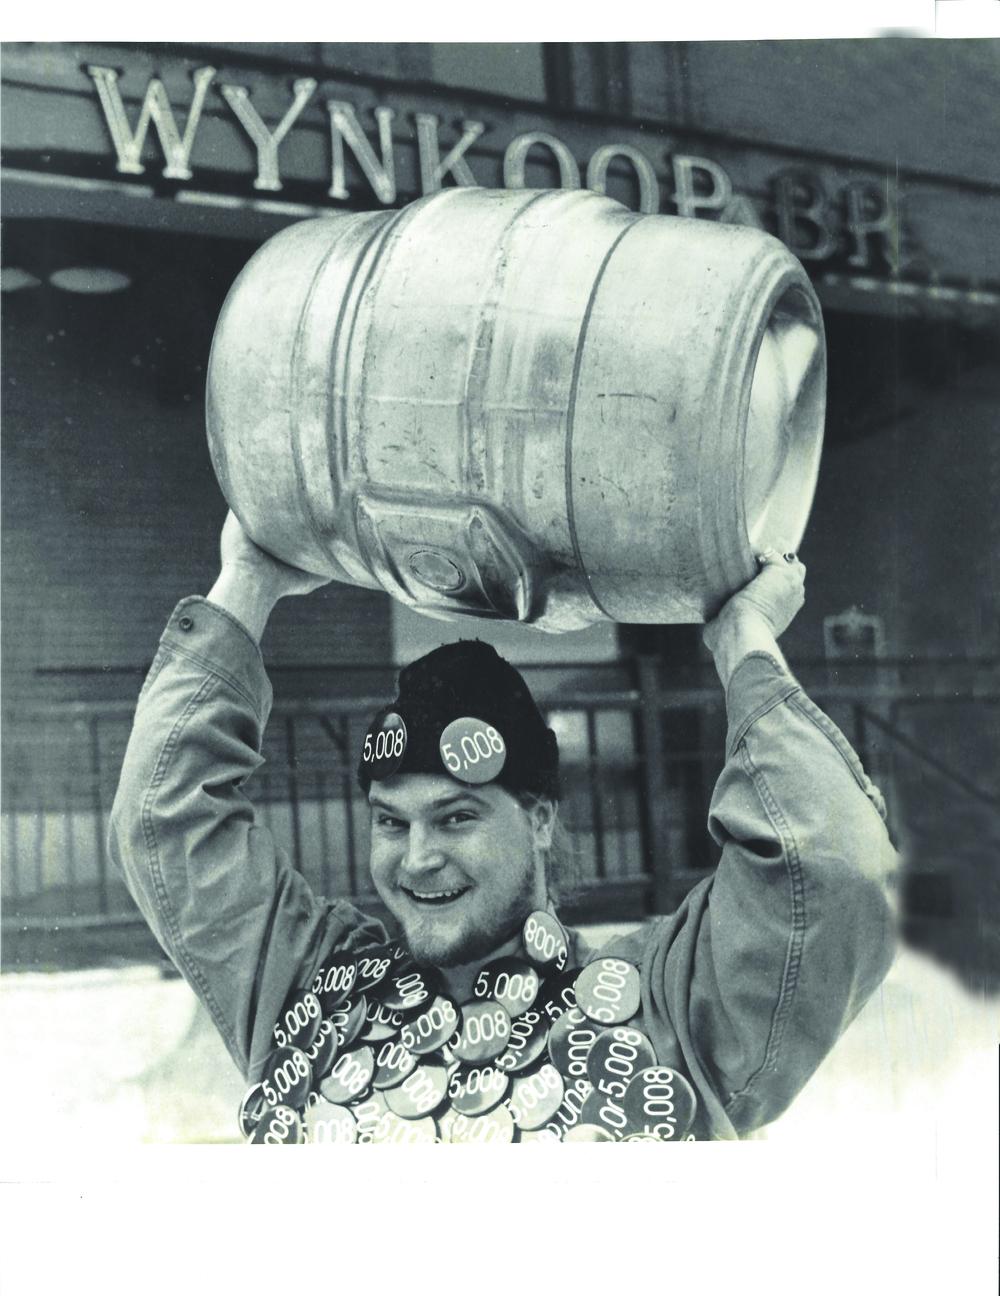 former Wynkoop brewer Kyle Carstens (top) provided by Breckenridge-Wynkoop